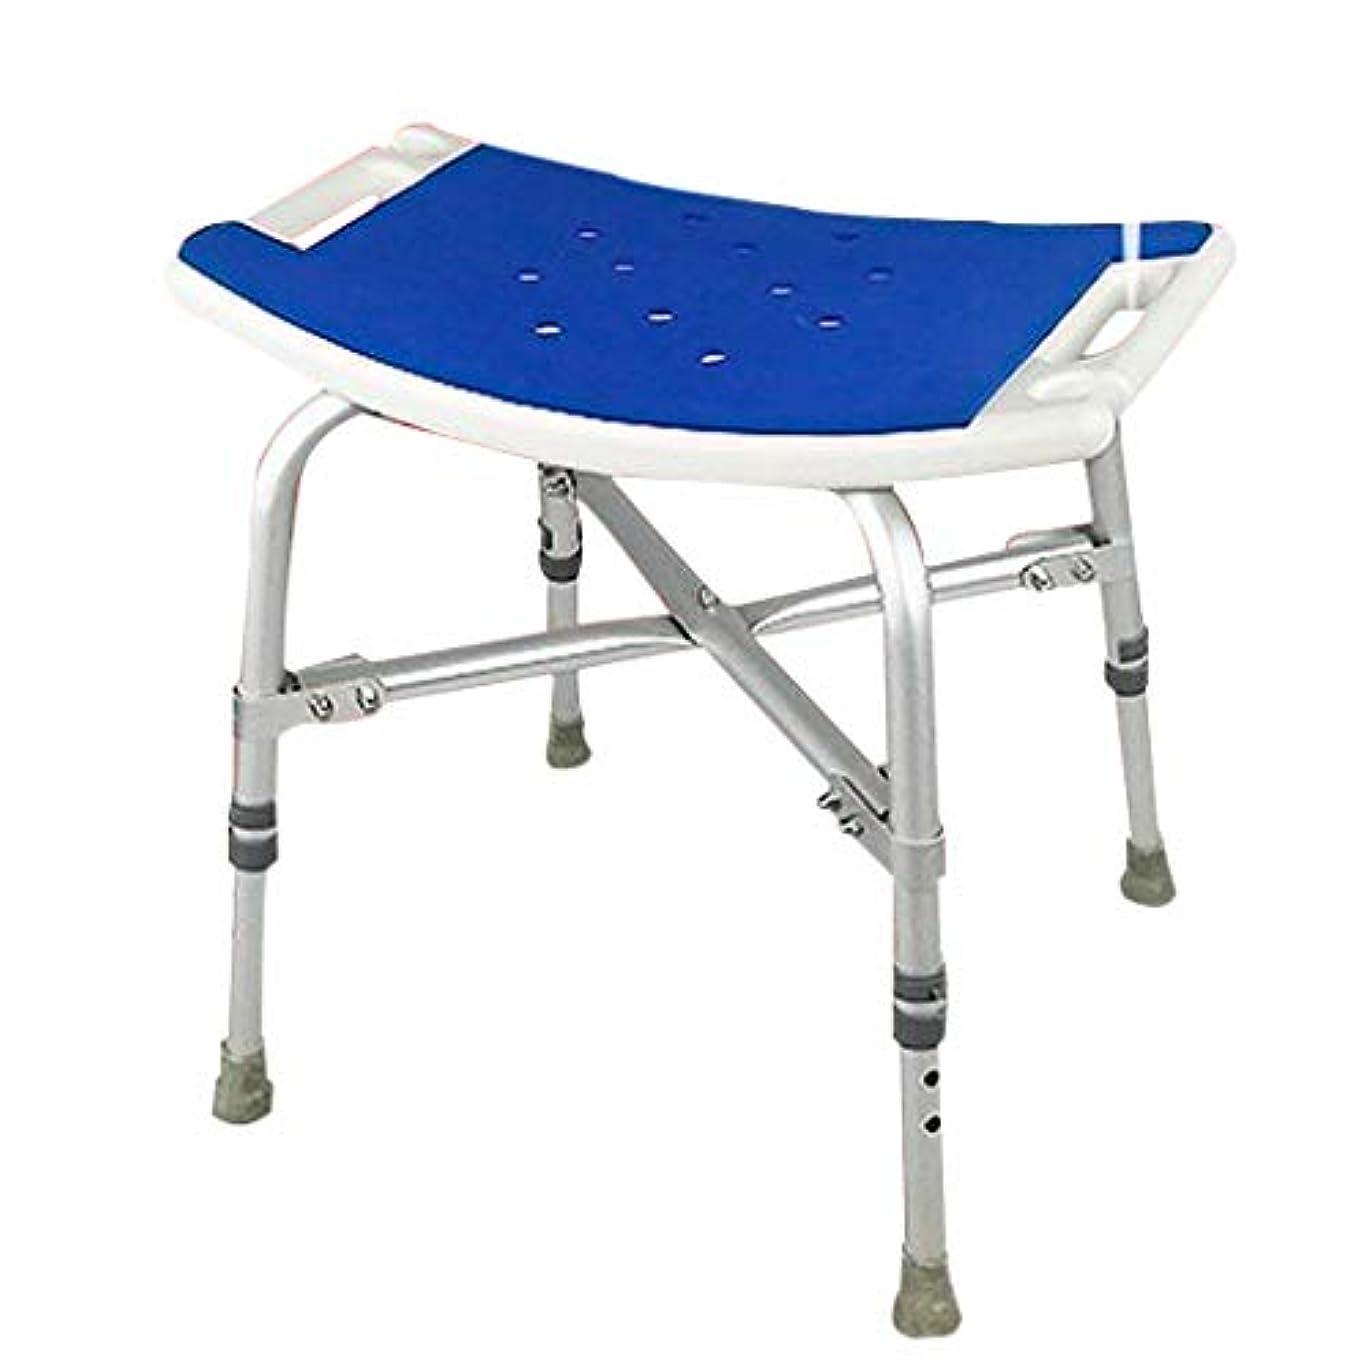 チェスをするピッチャー切る高さ調整可能 バス/シャワースツール ハンディキャップシャワーシート 障害者支援 人間工学に基づいた バスタブリフトチェア パディング付き 高齢者、障害者、成人向け ヘビーデューティ